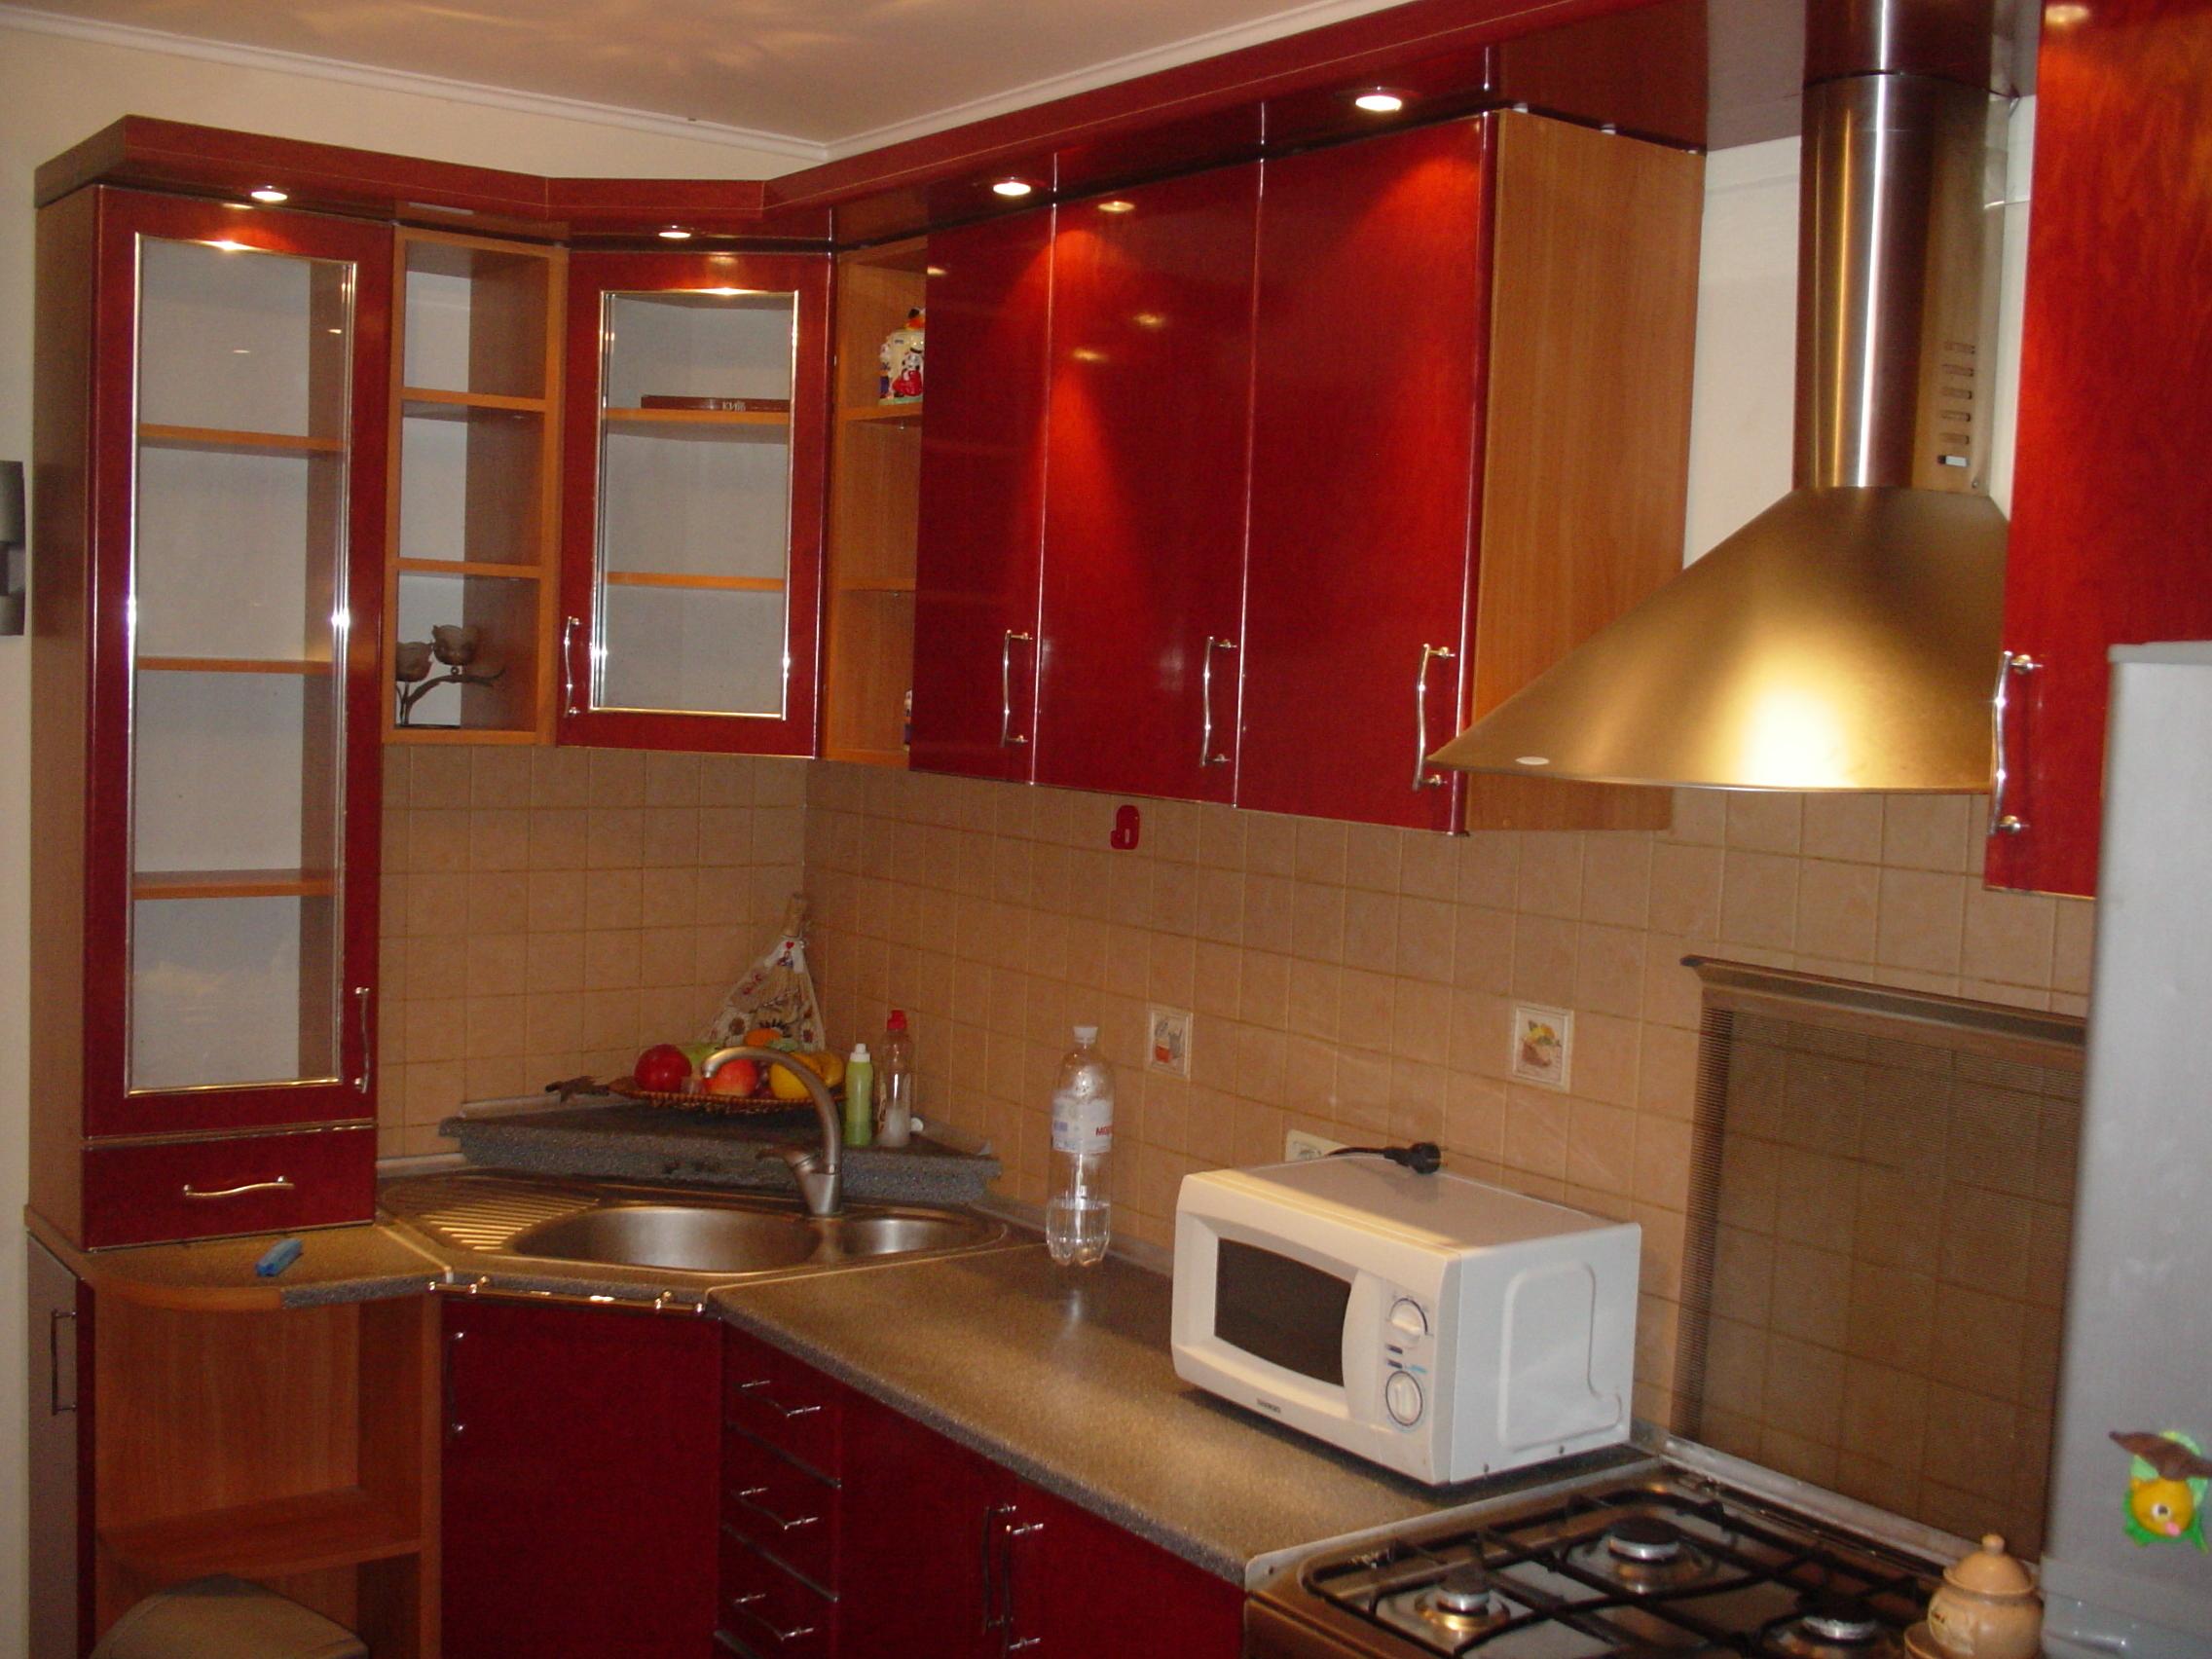 Мебель кухонная бу на продажу г образные кухонные гарнитуры